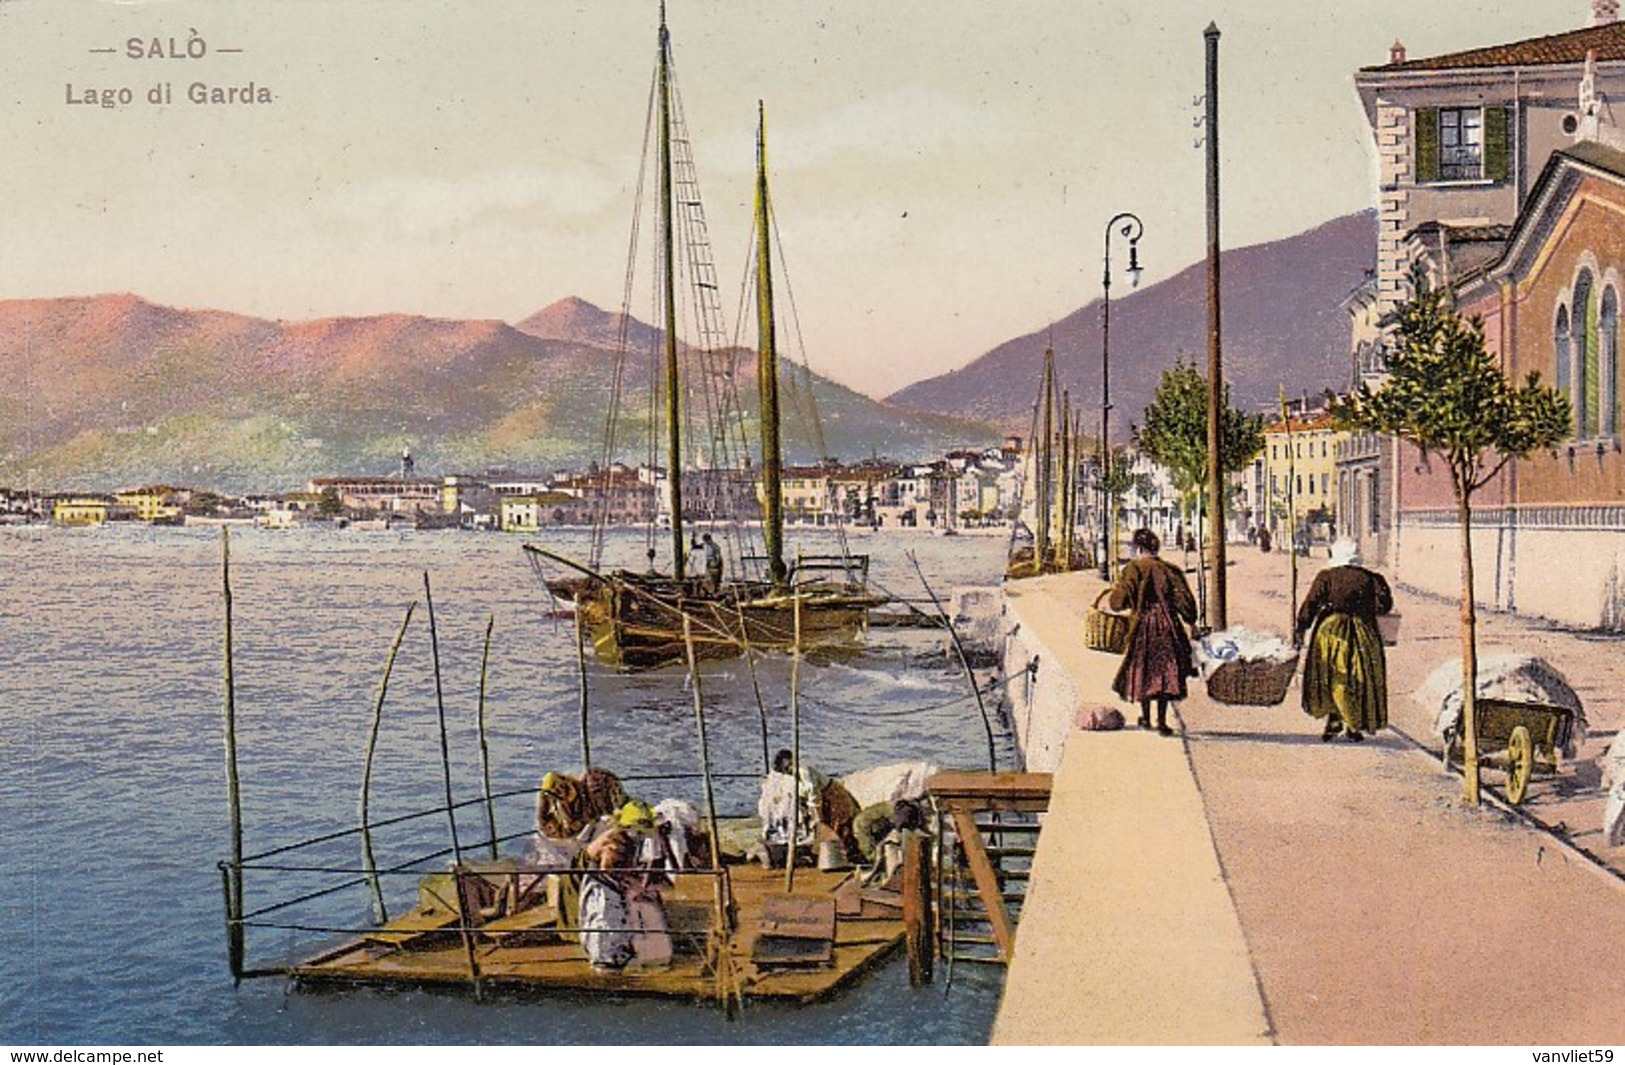 SALò-BRESCIA-LAGO DI GARDA-LAVANDAIE-CARTOLINA NON VIAGGIATA-ANNO 1930-1935 - Brescia